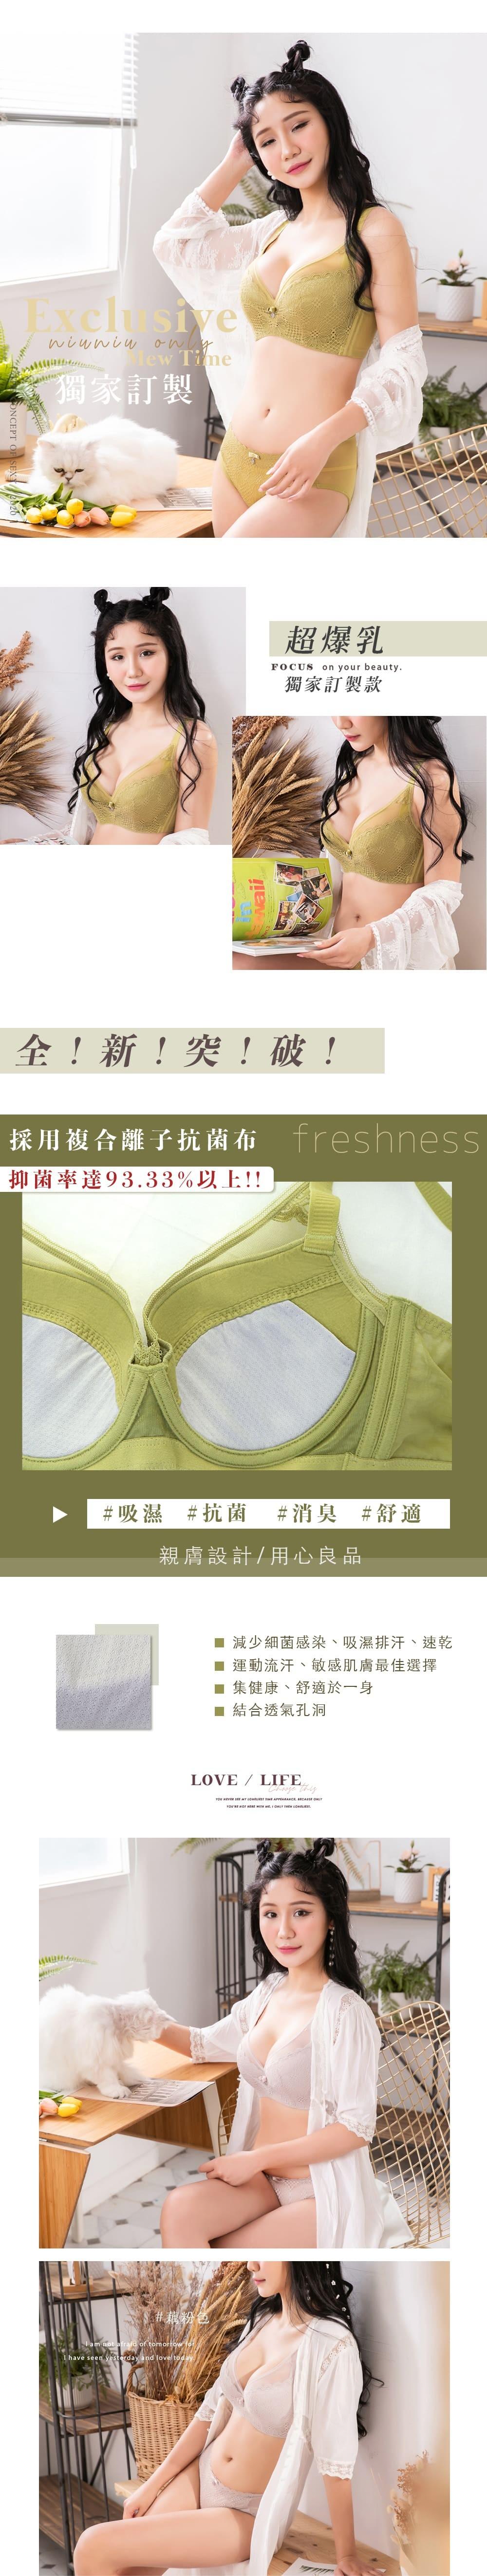 軟鋼圈【午後派對】透膚調整型內衣單件 3色